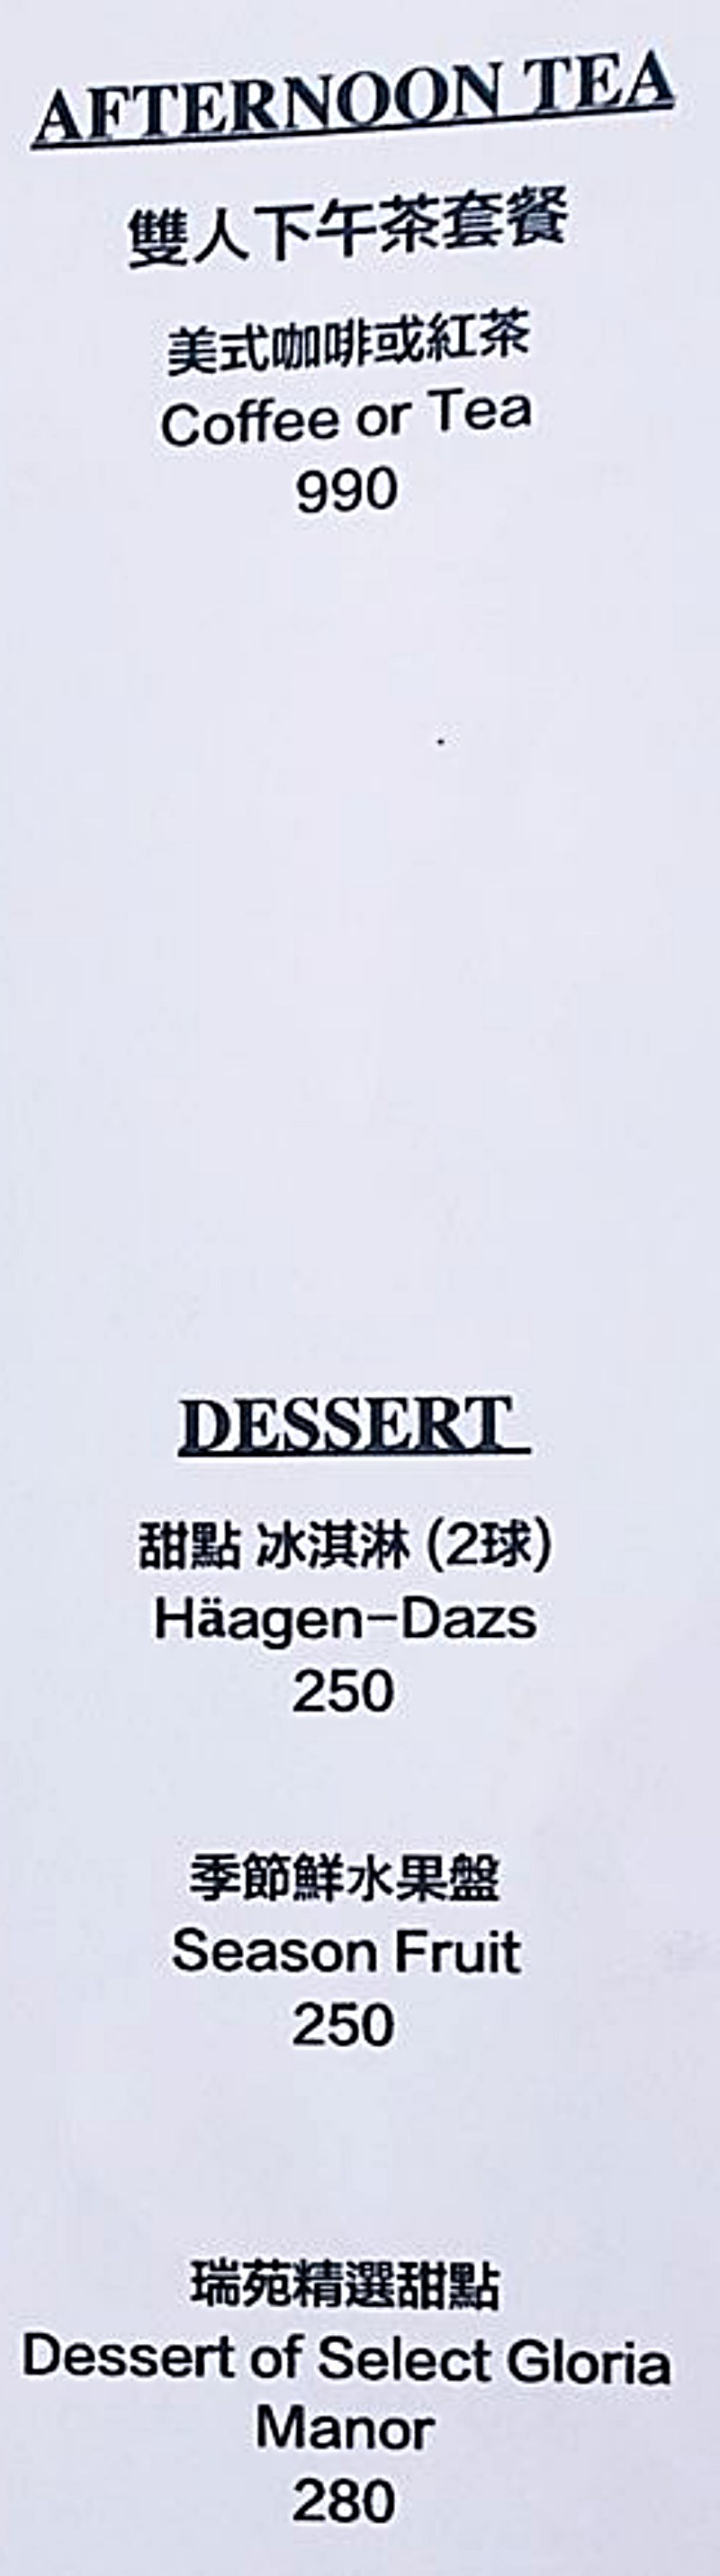 沐餐廳 午餐-下午茶-菜單menu|華泰瑞苑墾丁賓館